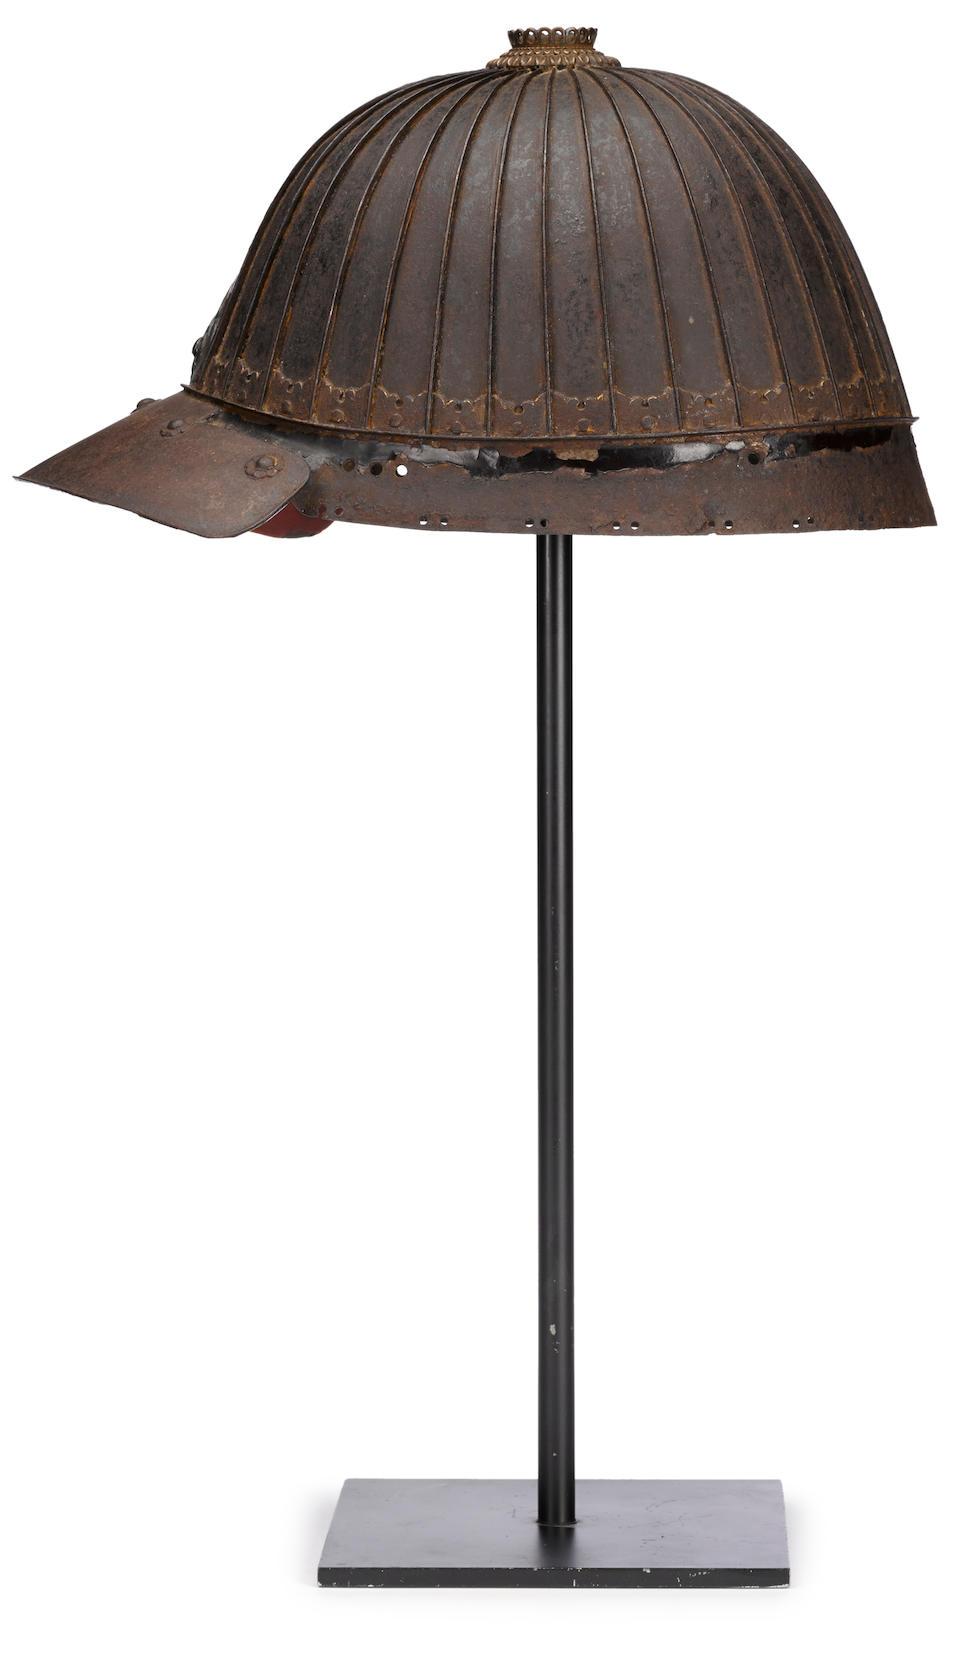 A Saotome kabuto By Saotome Ietada, circa 1600